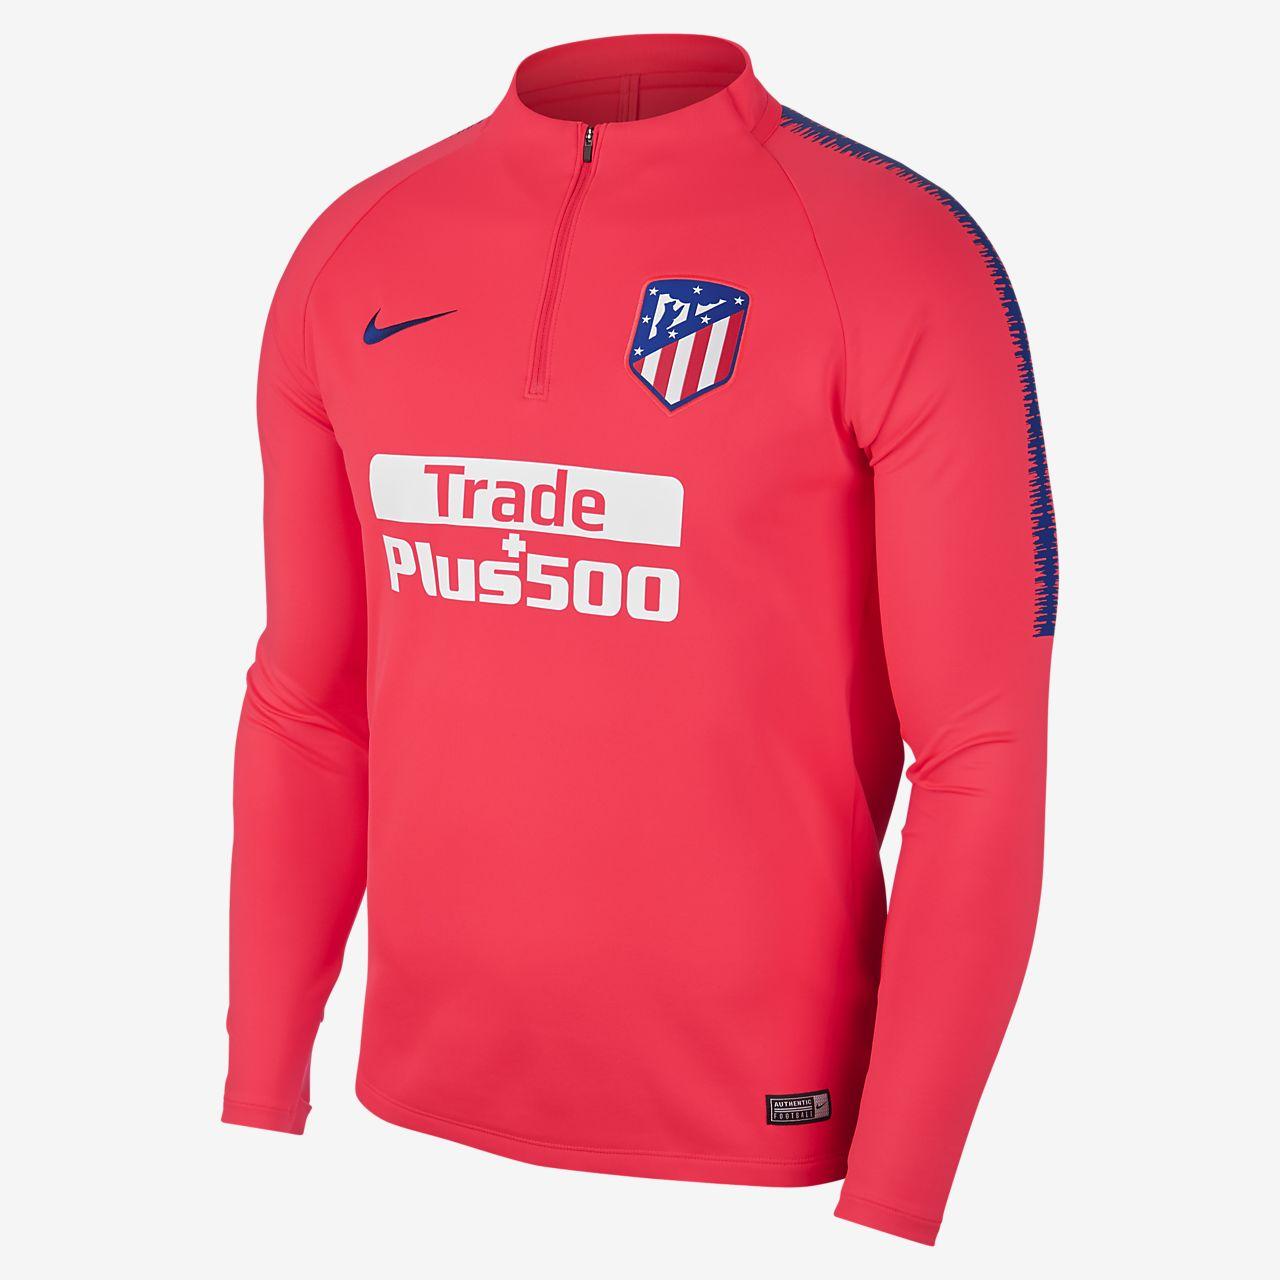 7852a0e0 Men's Long-Sleeve Football Top. Atletico de Madrid Dri-FIT Squad Drill